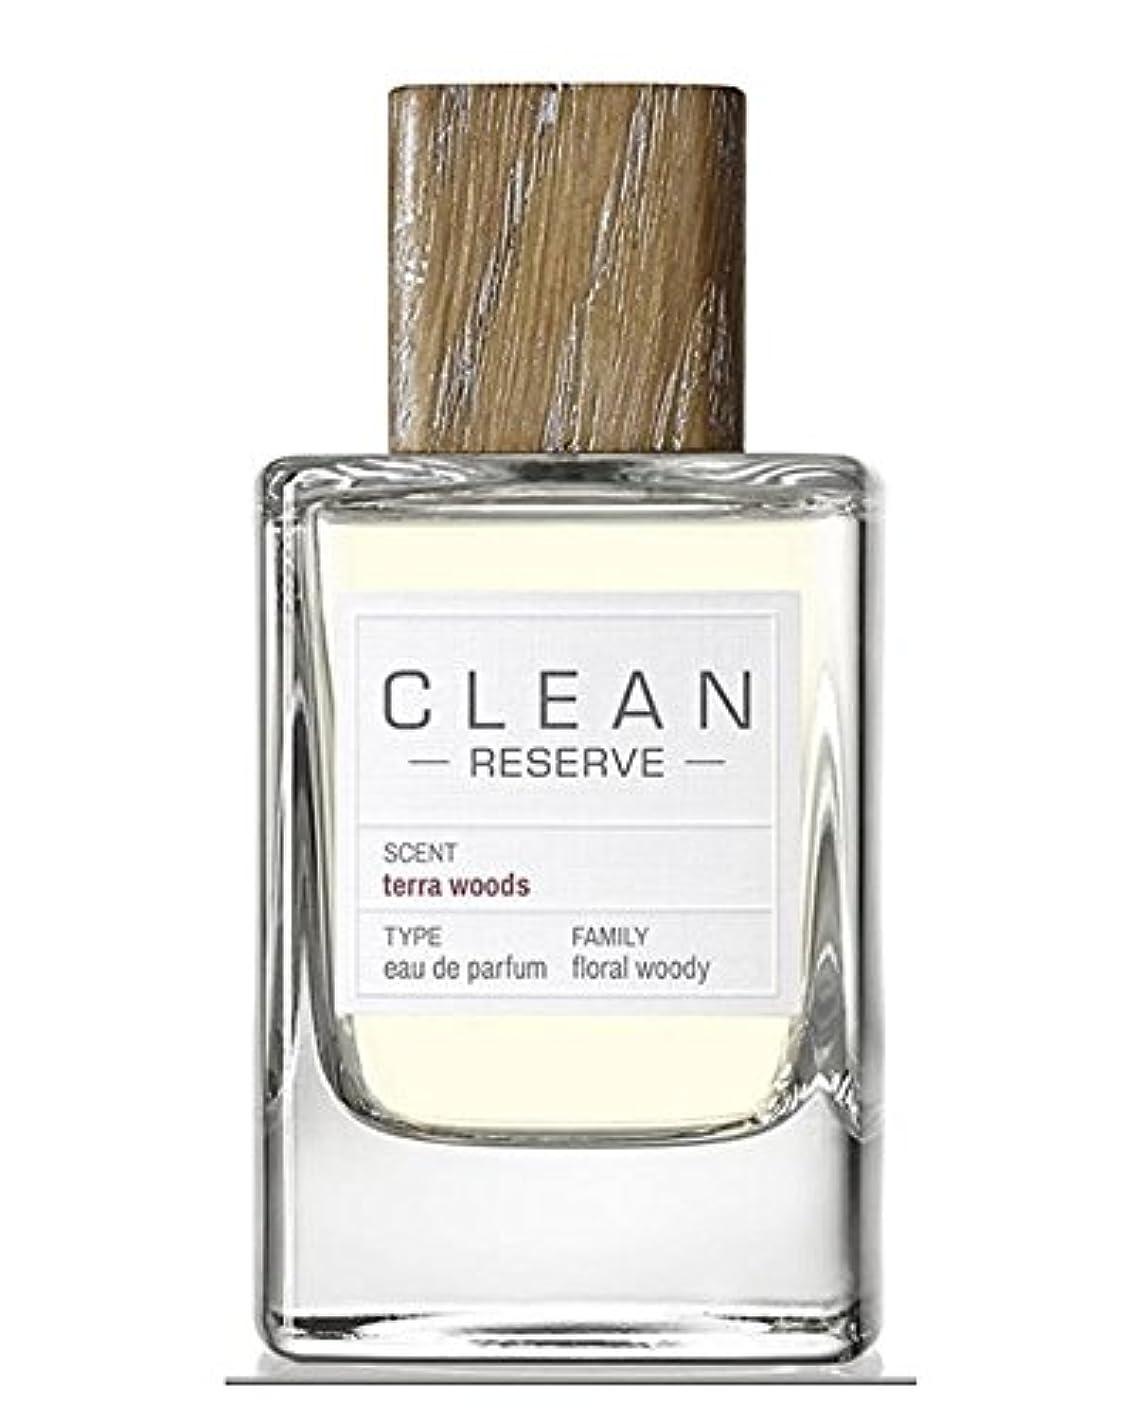 この影響力のあるコメンテーター◆【CLEAN】Unisex香水◆クリーン リザーブ テーラーウッド オードパルファムEDP 100ml◆